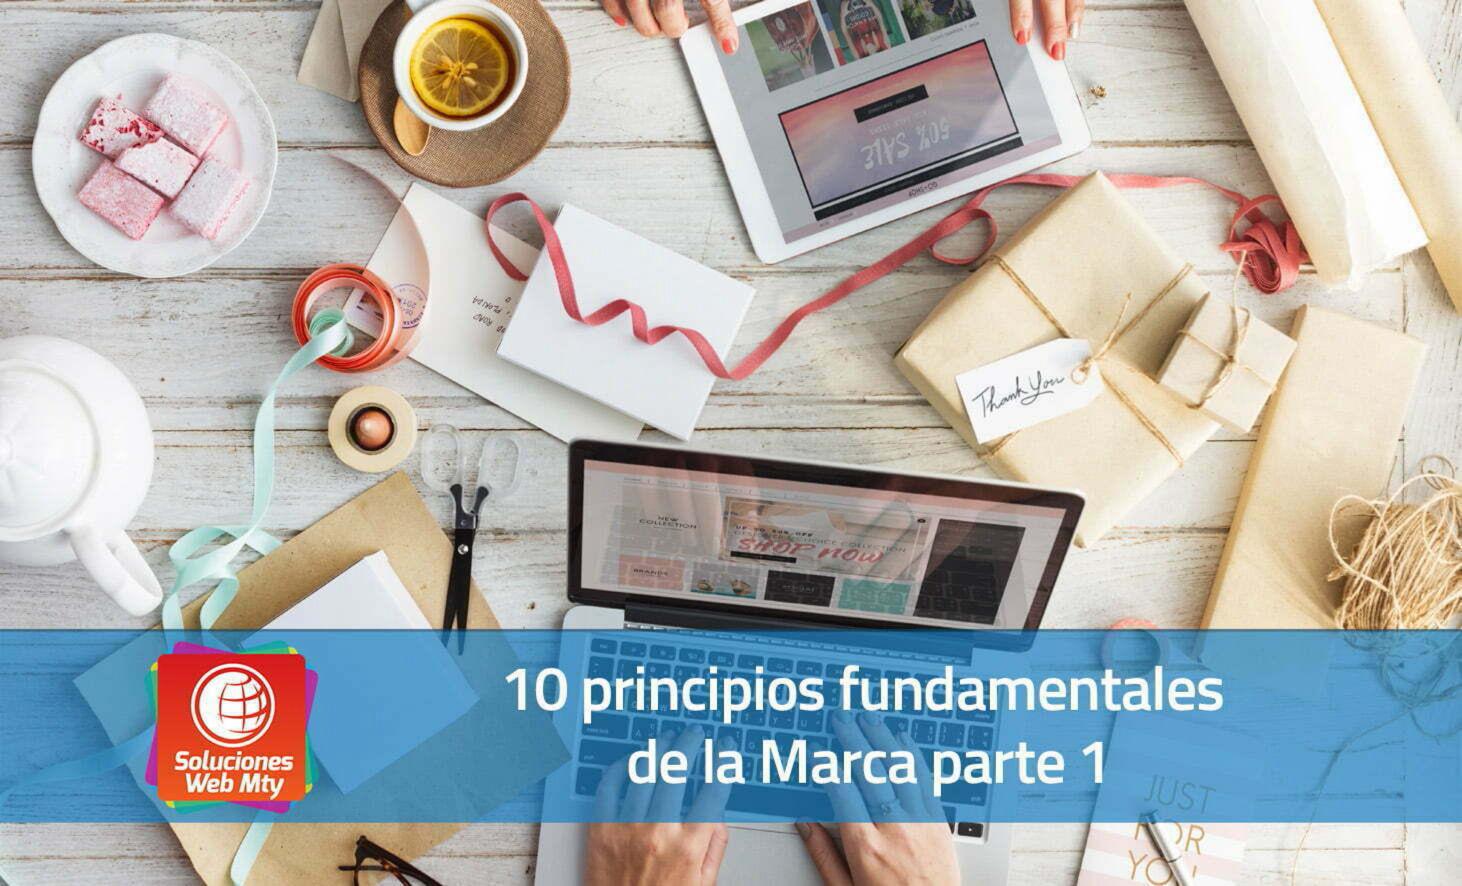 10 principios fundamentales de la Marca parte 1